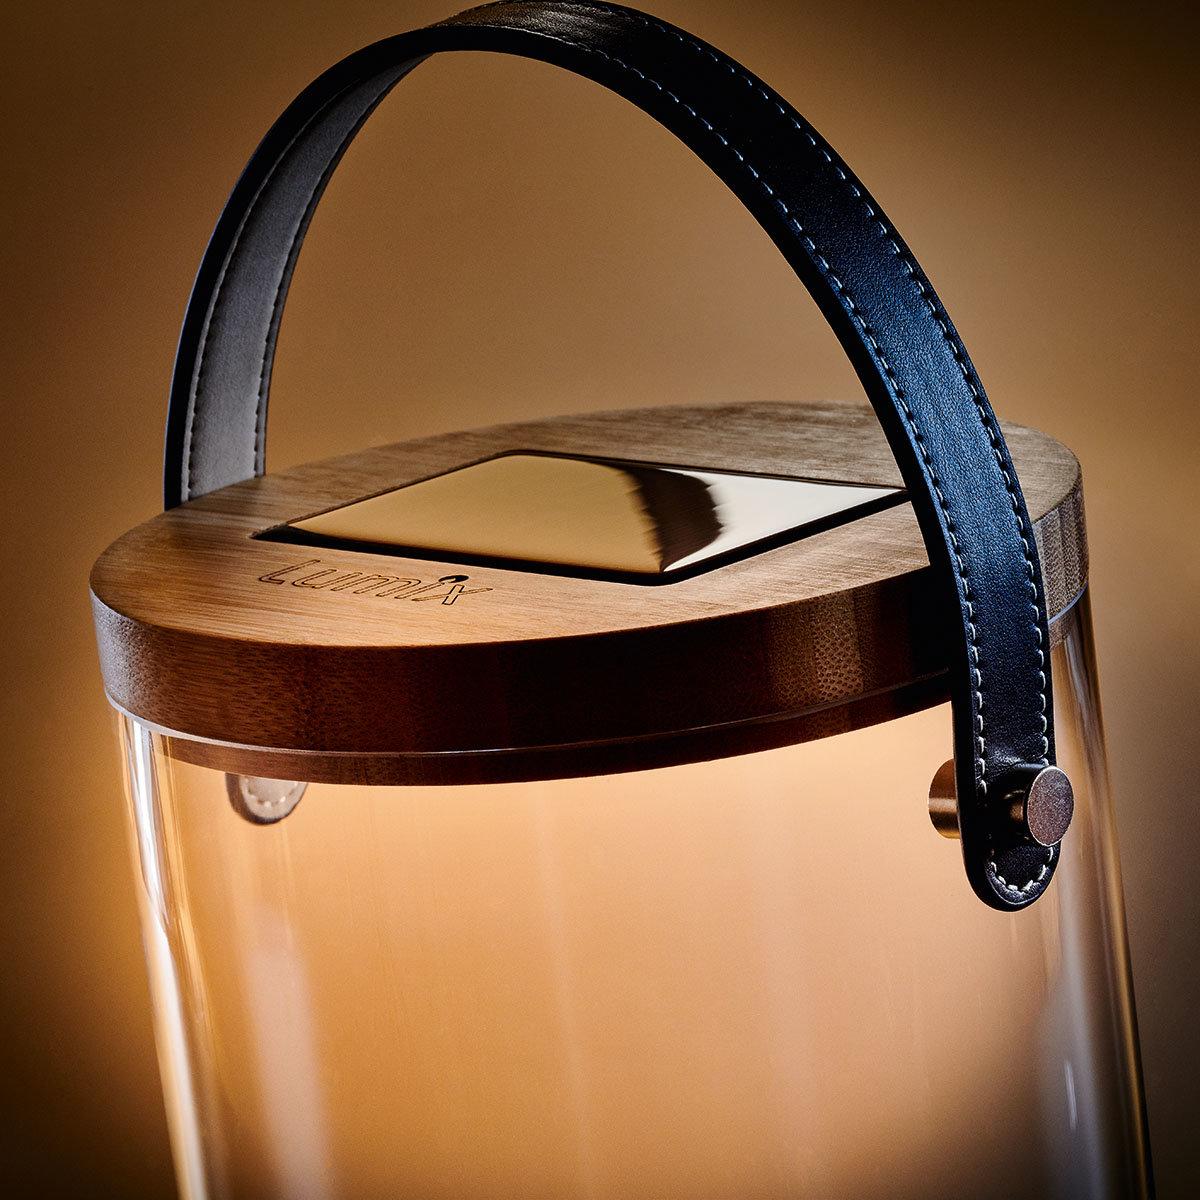 Deko Glas Long, 25,5 cm, Glas, Bambus, klar | #3